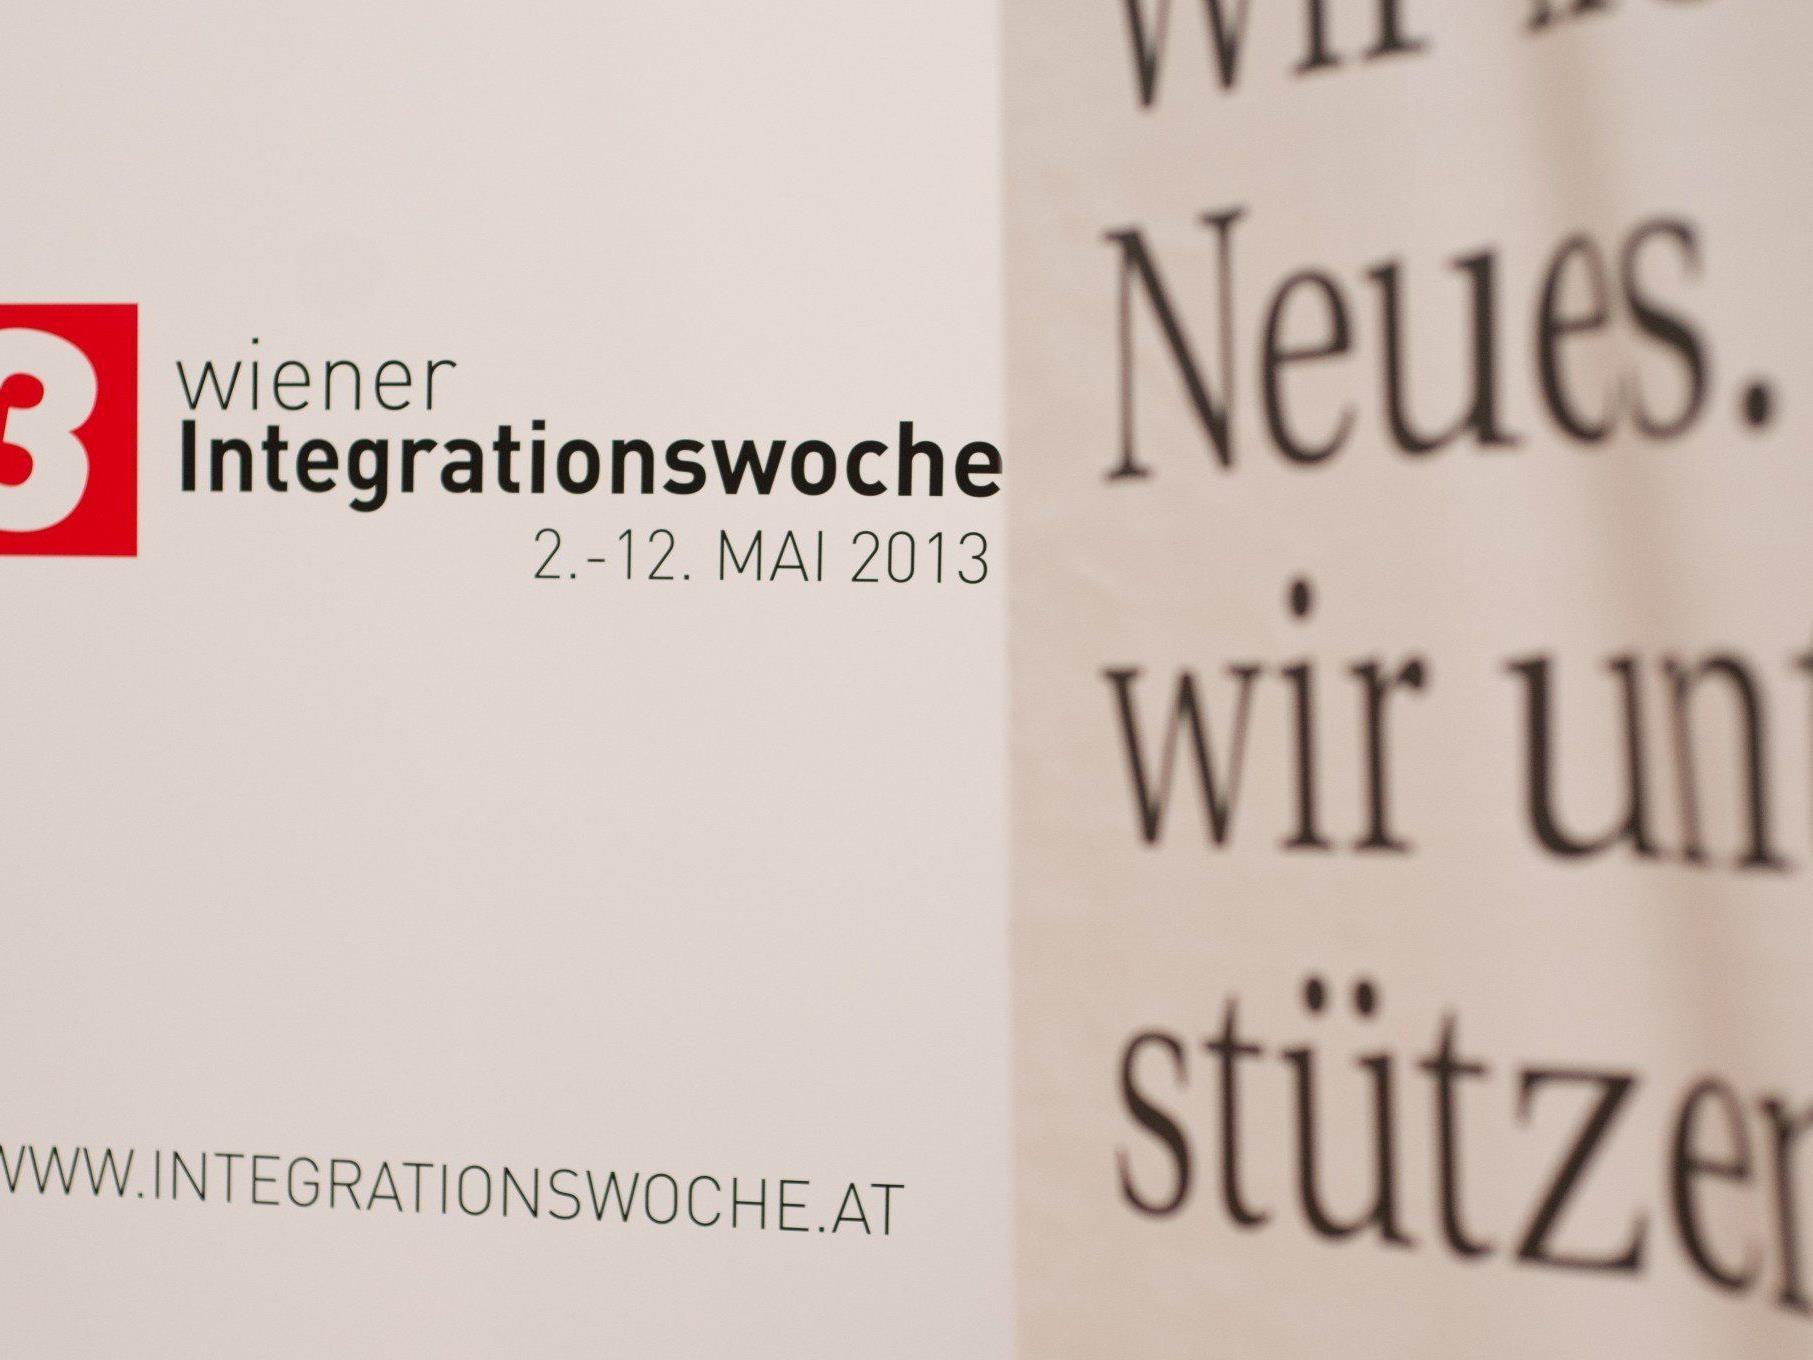 3. Wiener Integrationswoche